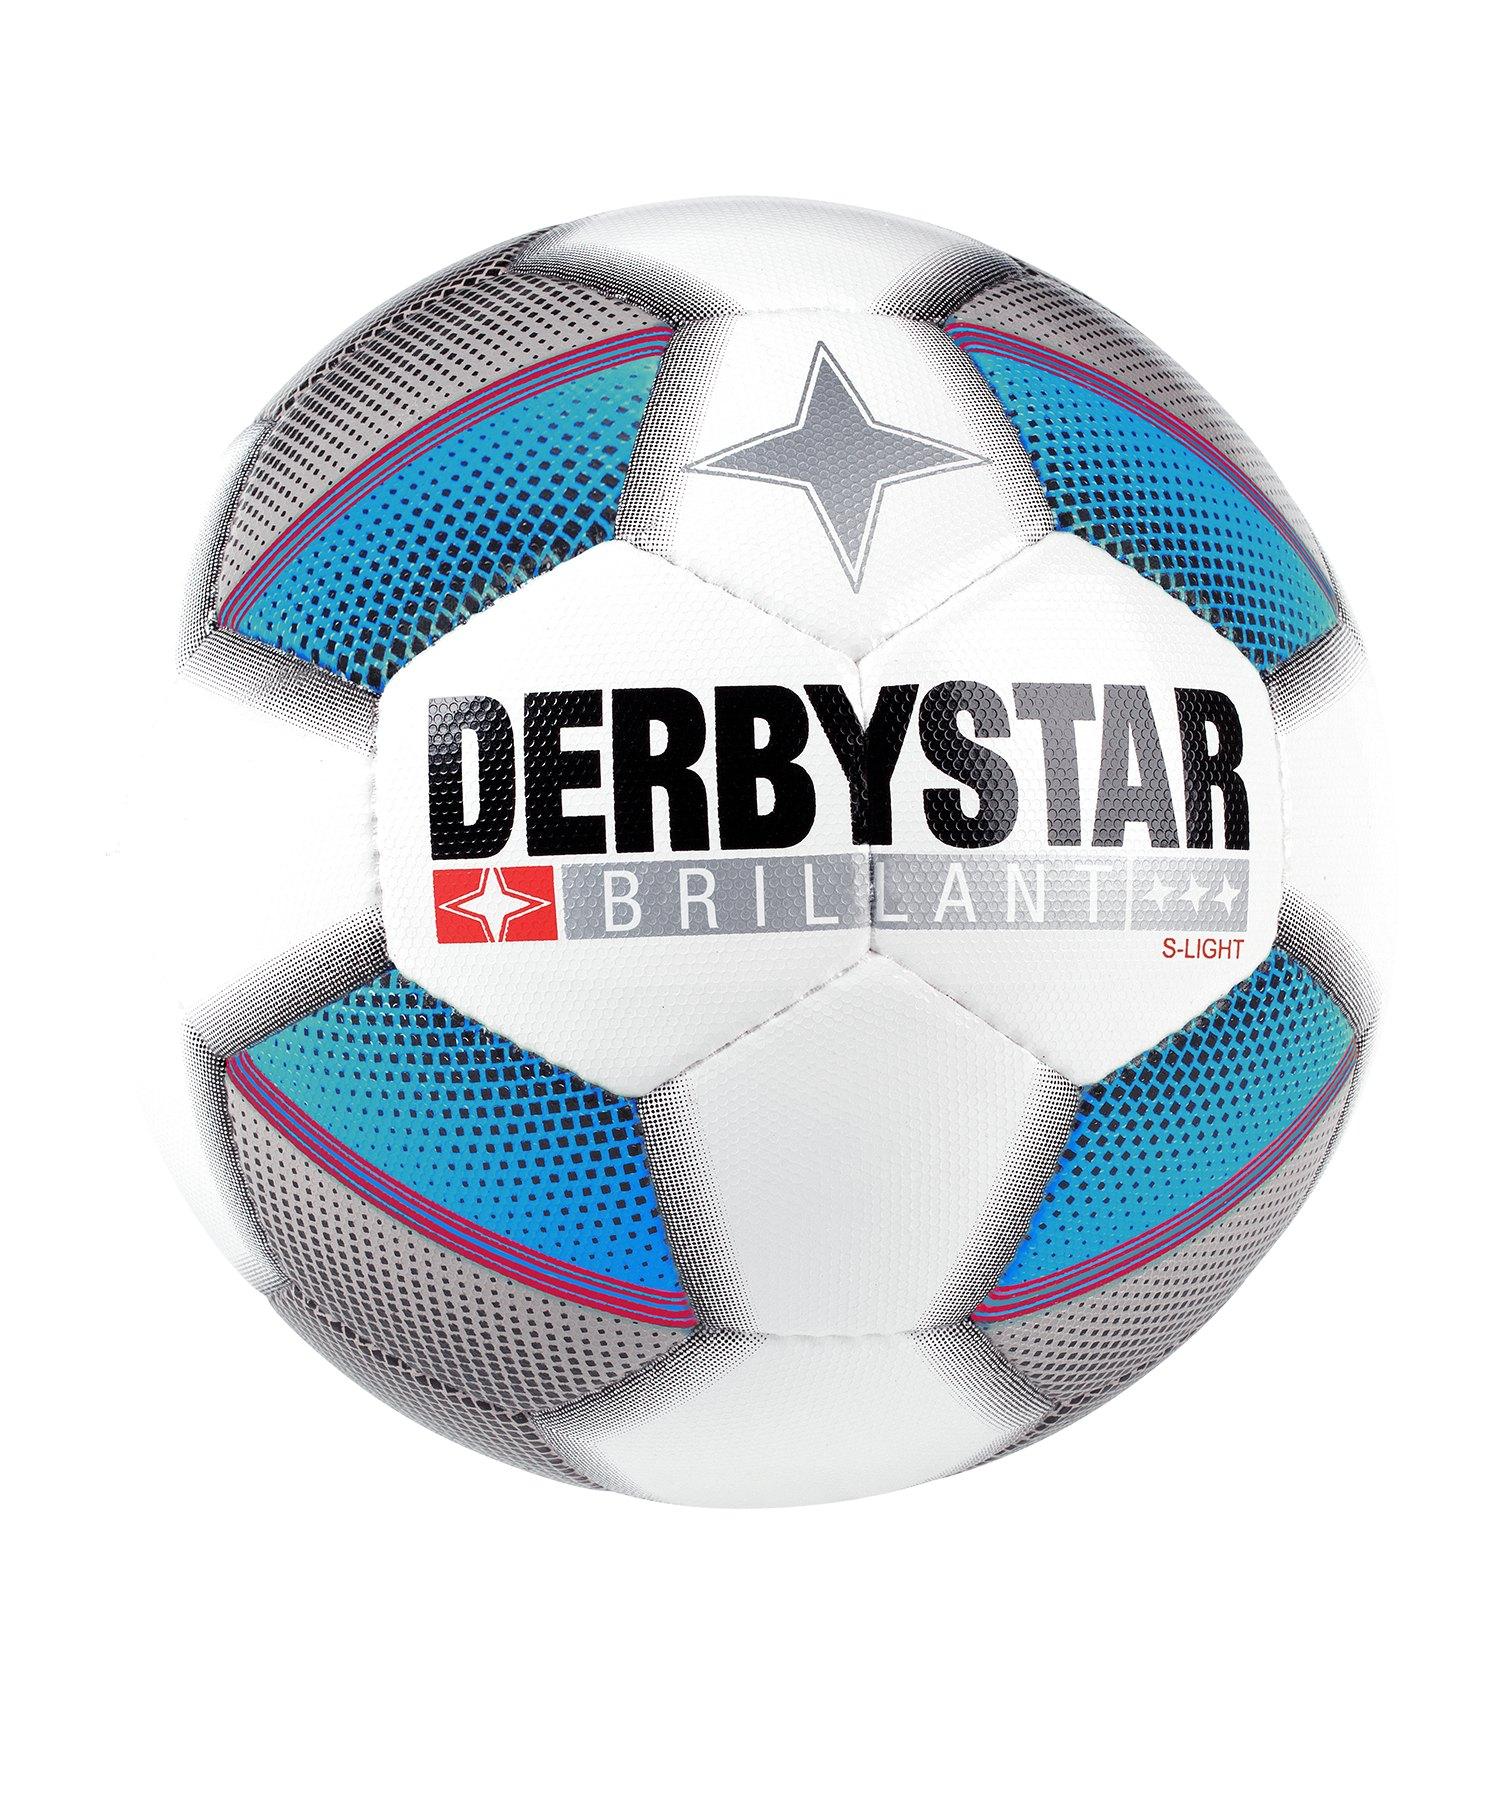 Derbystar Brillant S- Light 290 Gramm Trainingsball F162 - weiss